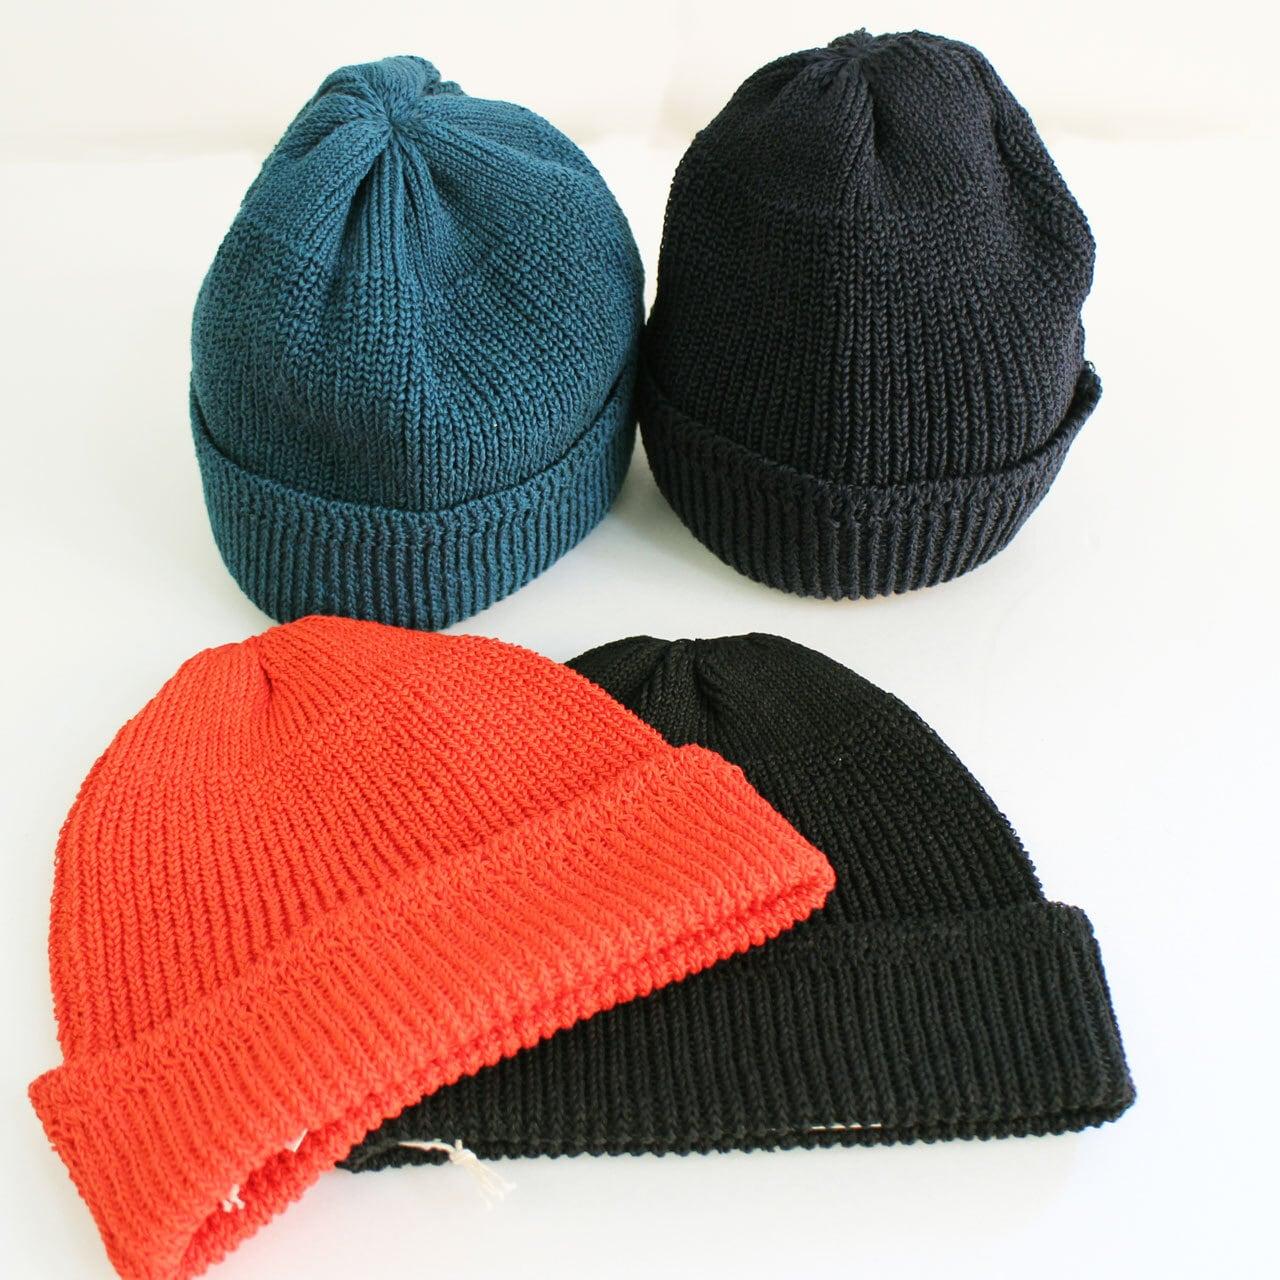 夏のニット帽 ISLAND KNIT WORKS  アイランドニットワークス DRYING CAP